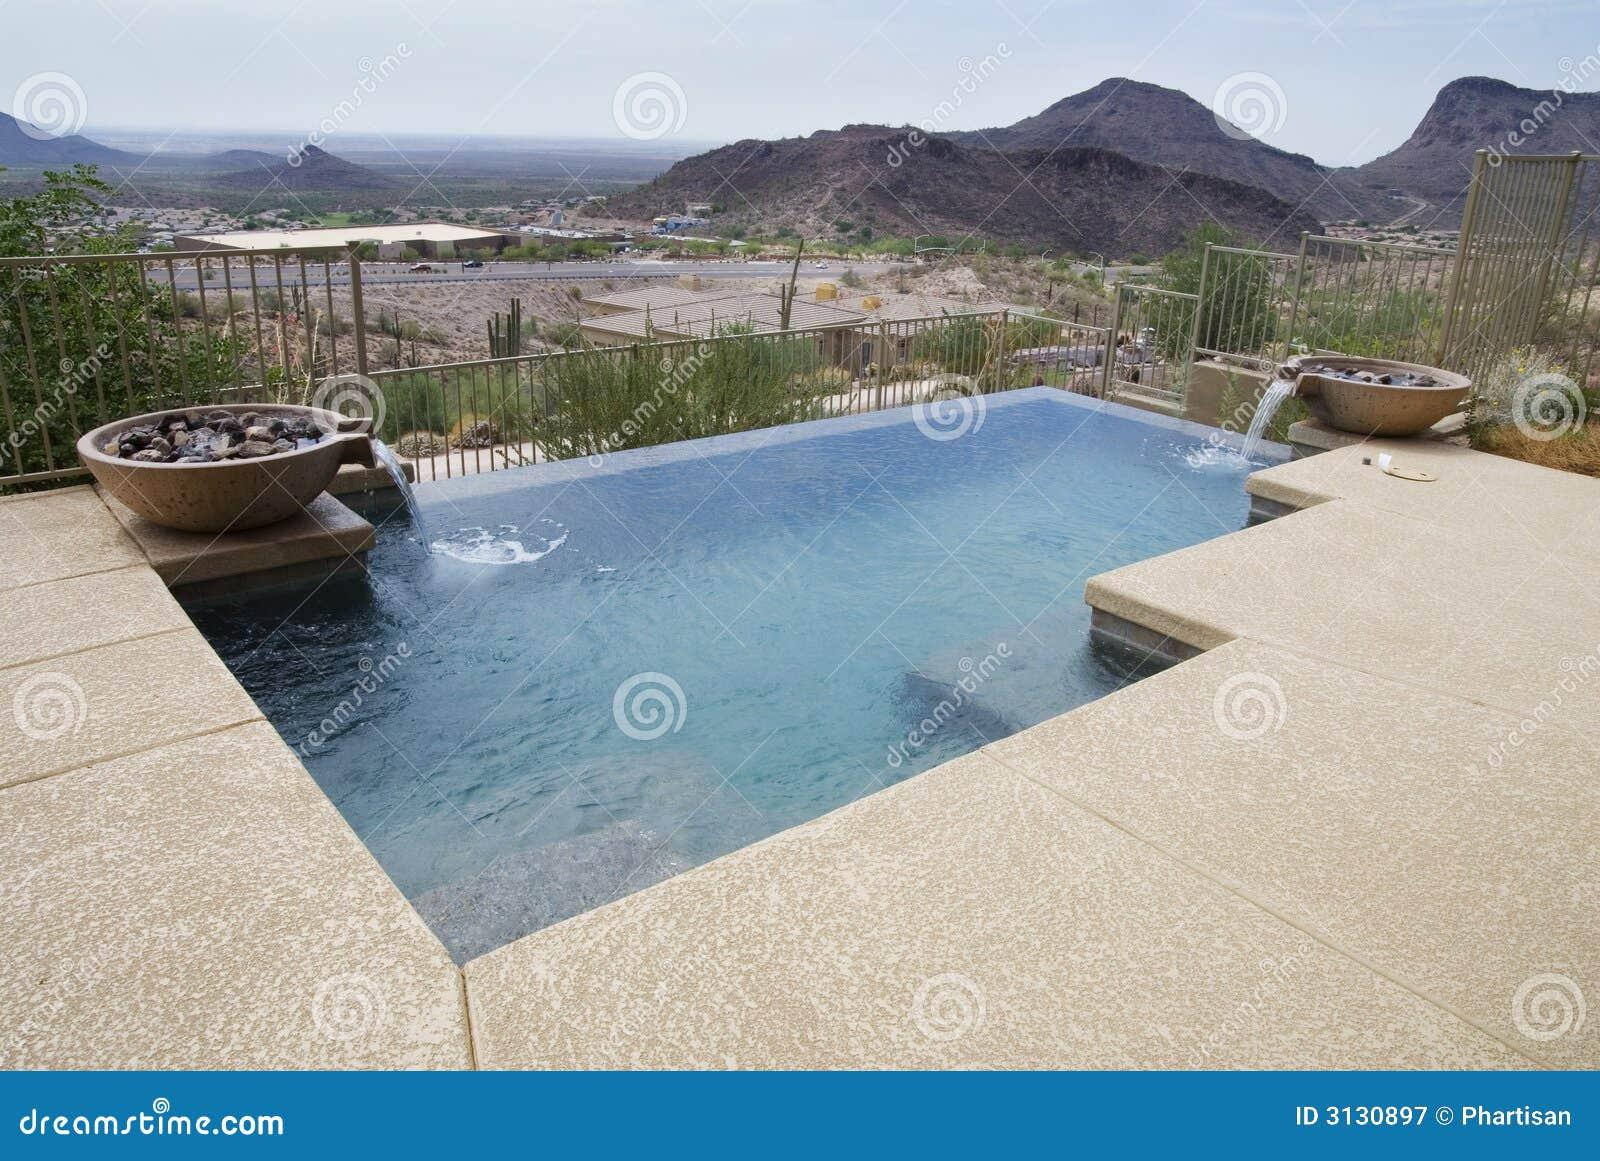 Piscina moderna hermosa fotograf a de archivo libre de regal as imagen 3130897 - Business plan piscina ...